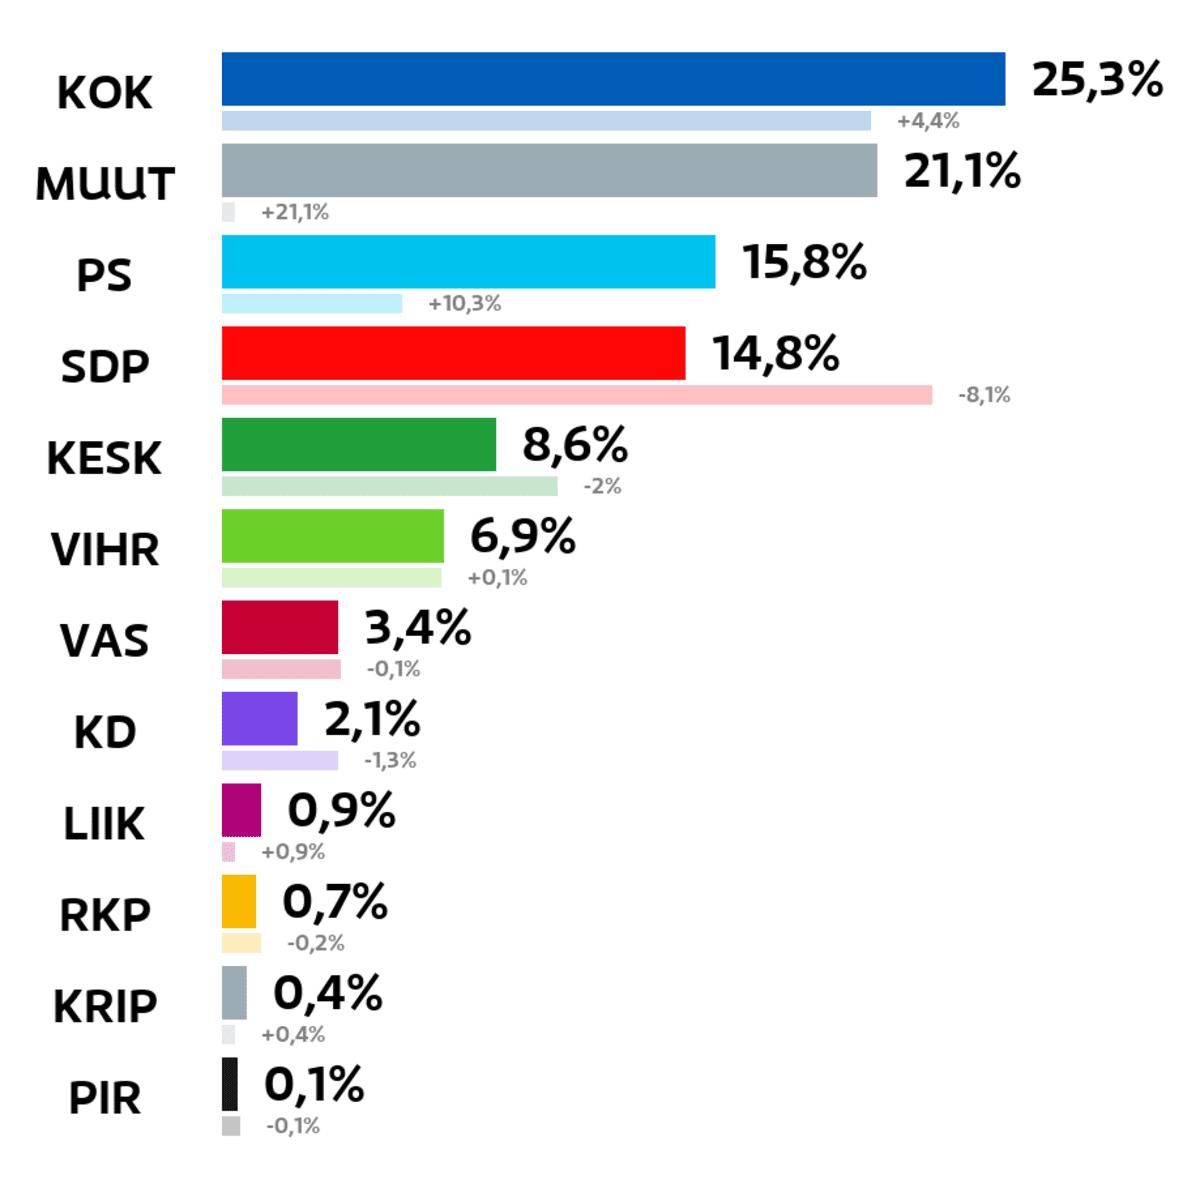 Tuusula: Kuntavaalien tulos (%) Kokoomus: 25,3 prosenttia Muut ryhmät: 21,1 prosenttia Perussuomalaiset: 15,8 prosenttia SDP: 14,8 prosenttia Keskusta: 8,6 prosenttia Vihreät: 6,9 prosenttia Vasemmistoliitto: 3,4 prosenttia Kristillisdemokraatit: 2,1 prosenttia Liike Nyt: 0,9 prosenttia RKP: 0,7 prosenttia Kristallipuolue: 0,4 prosenttia Piraattipuolue: 0,1 prosenttia